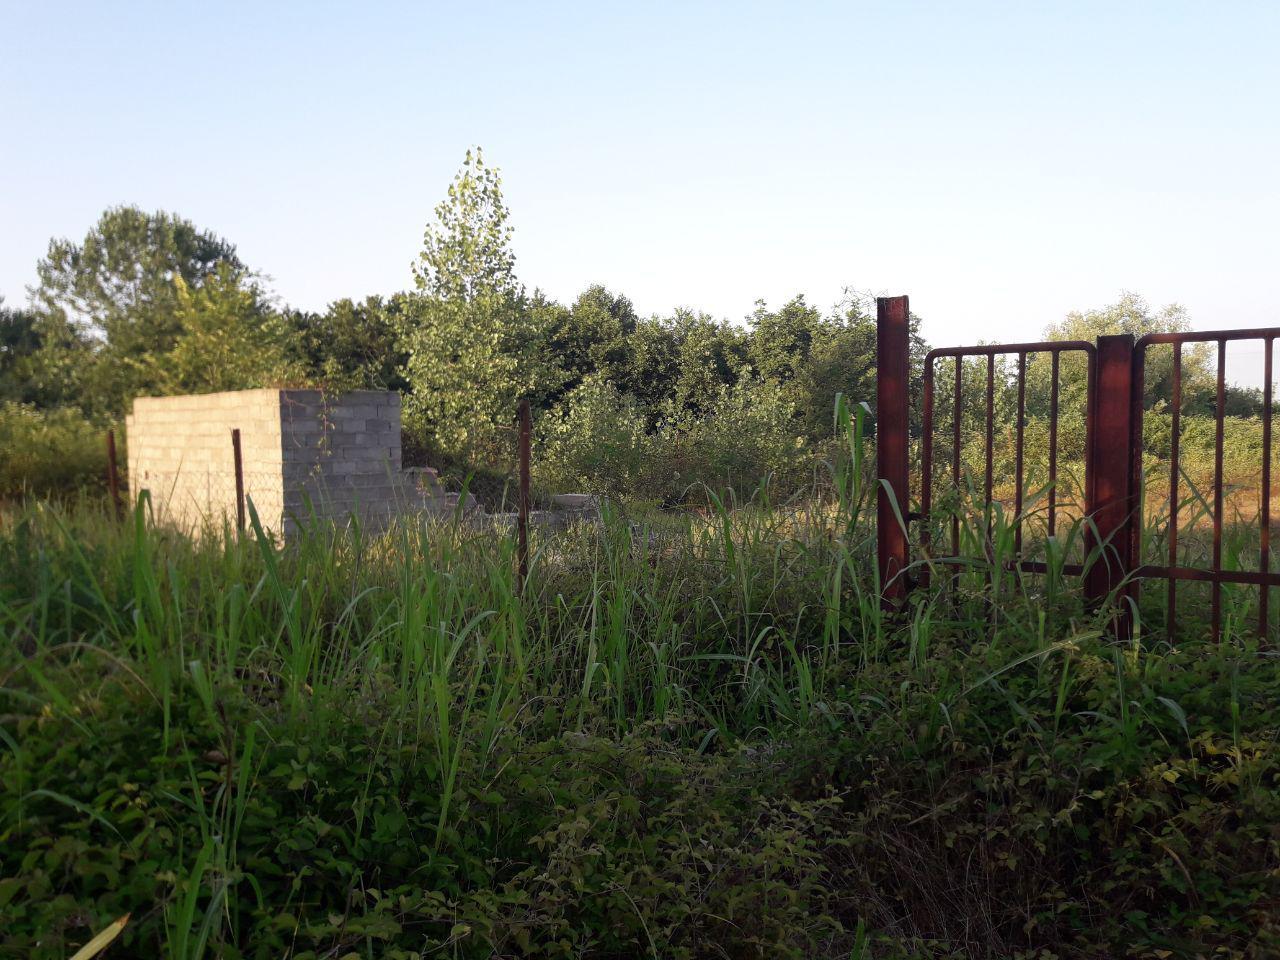 فروش زمین هکتاری محصور شده در رودسر